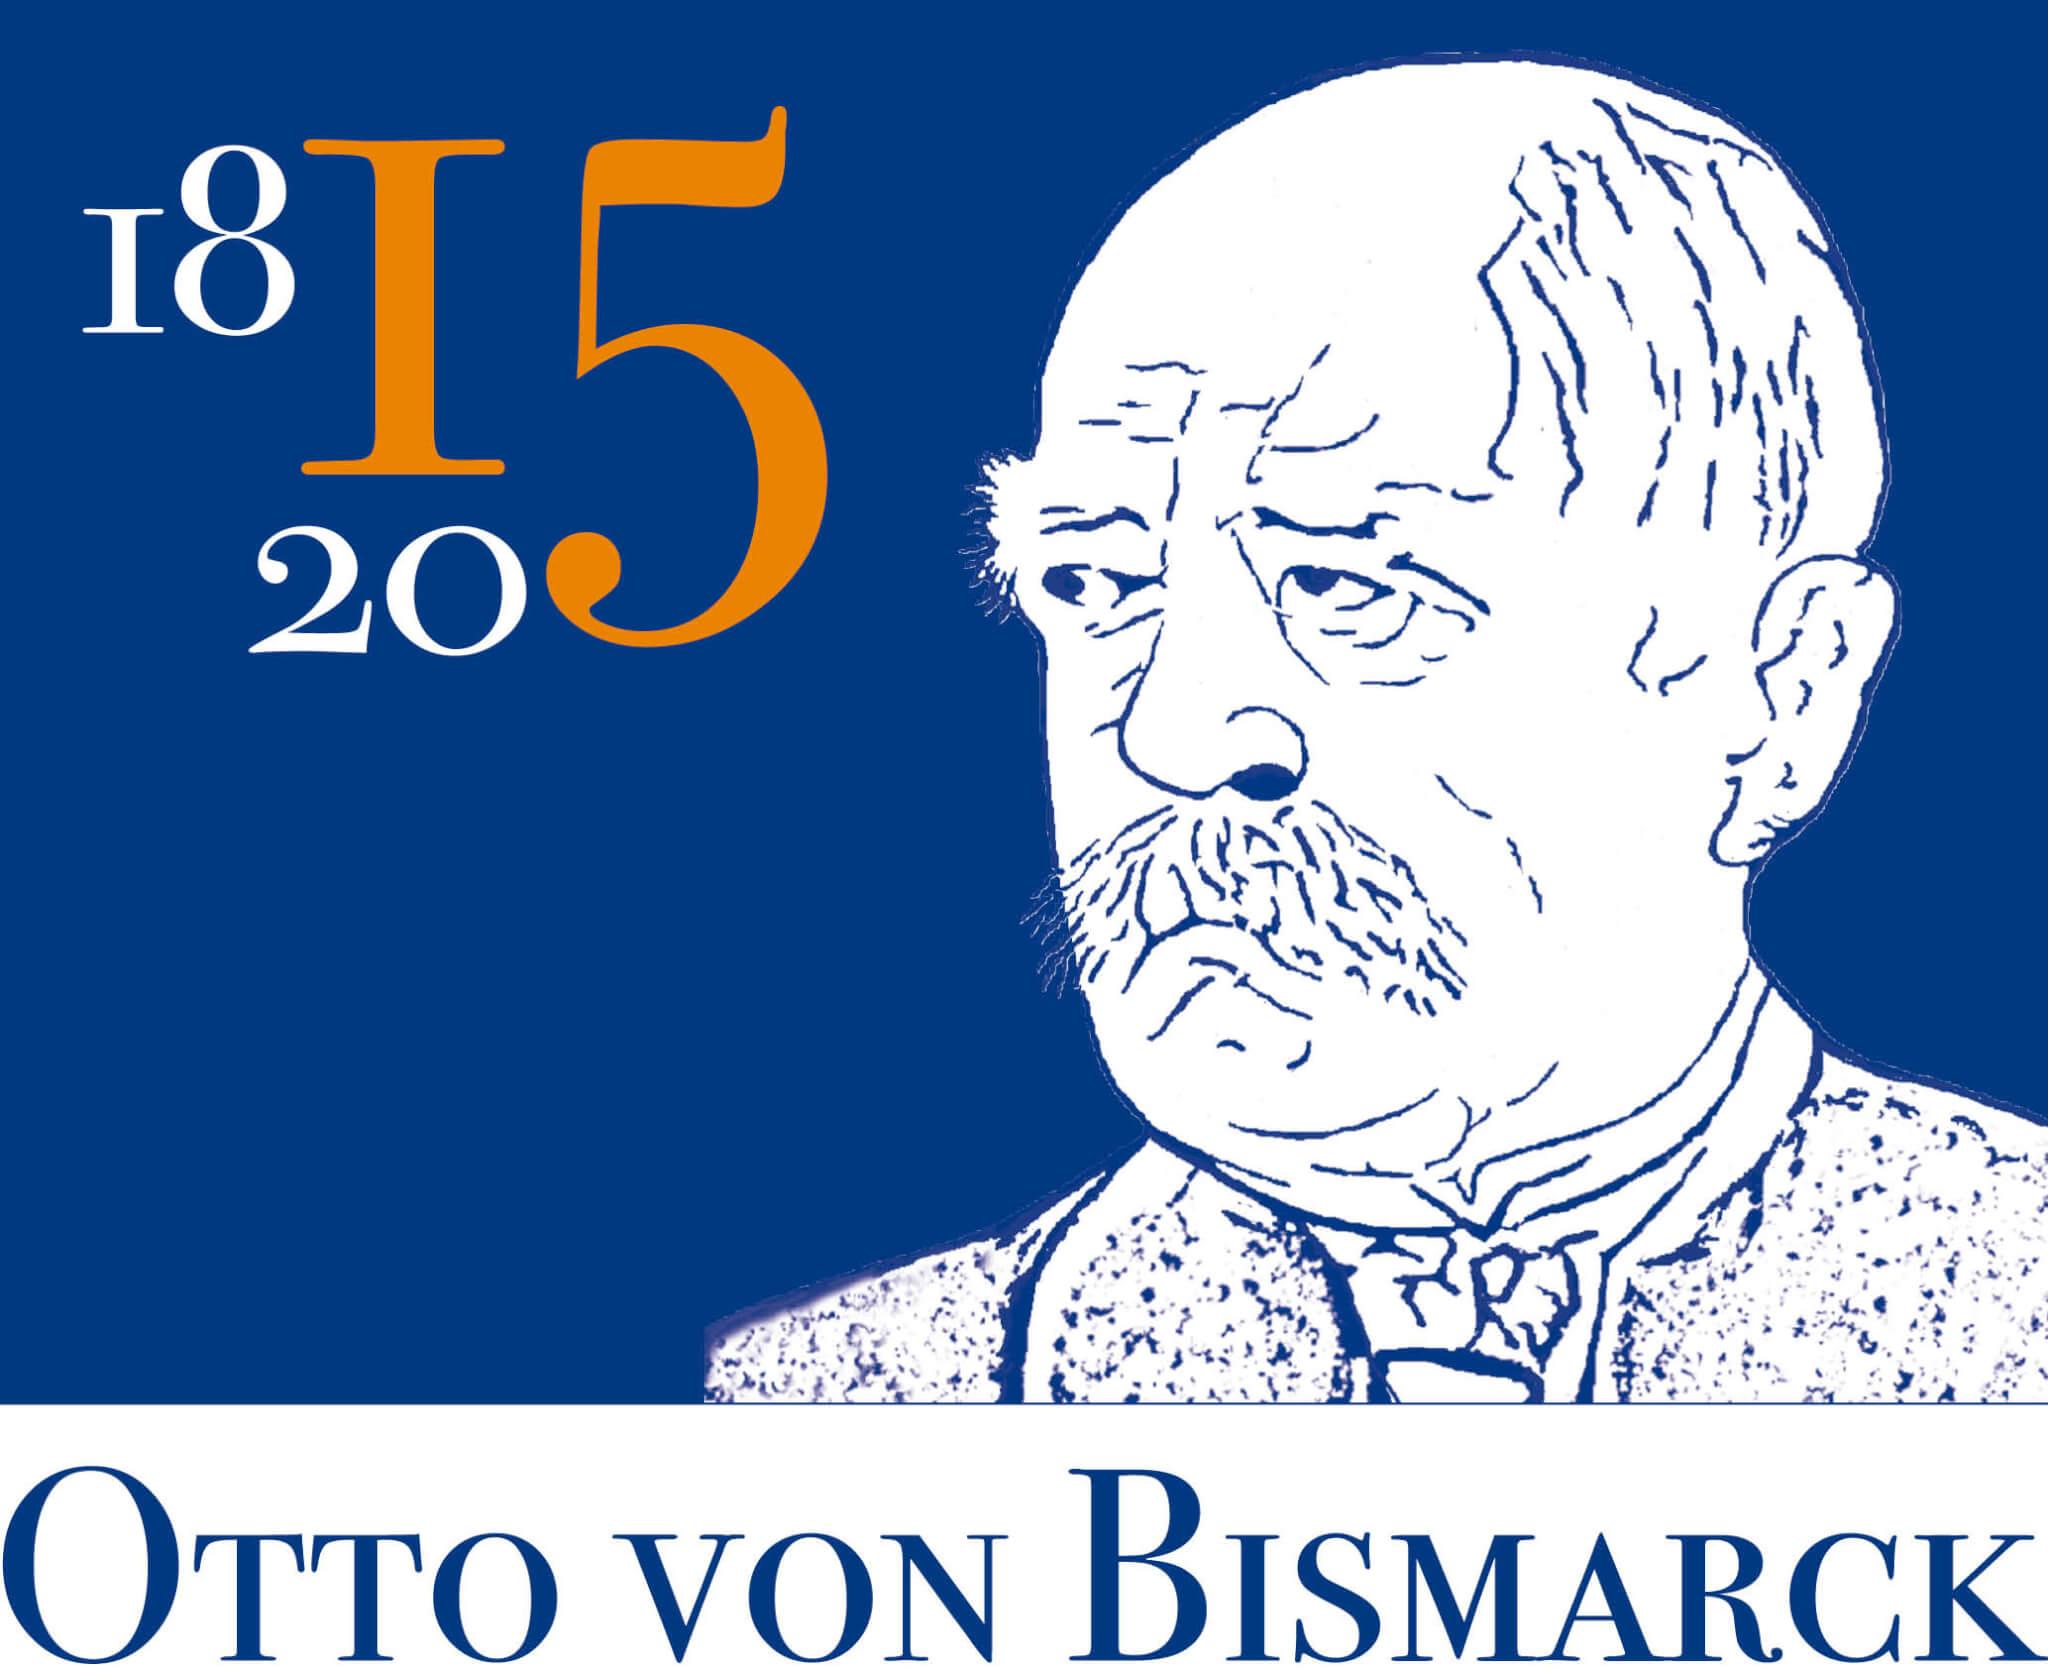 Otto von Bismarck: A Bicentennial exhibition and lecture